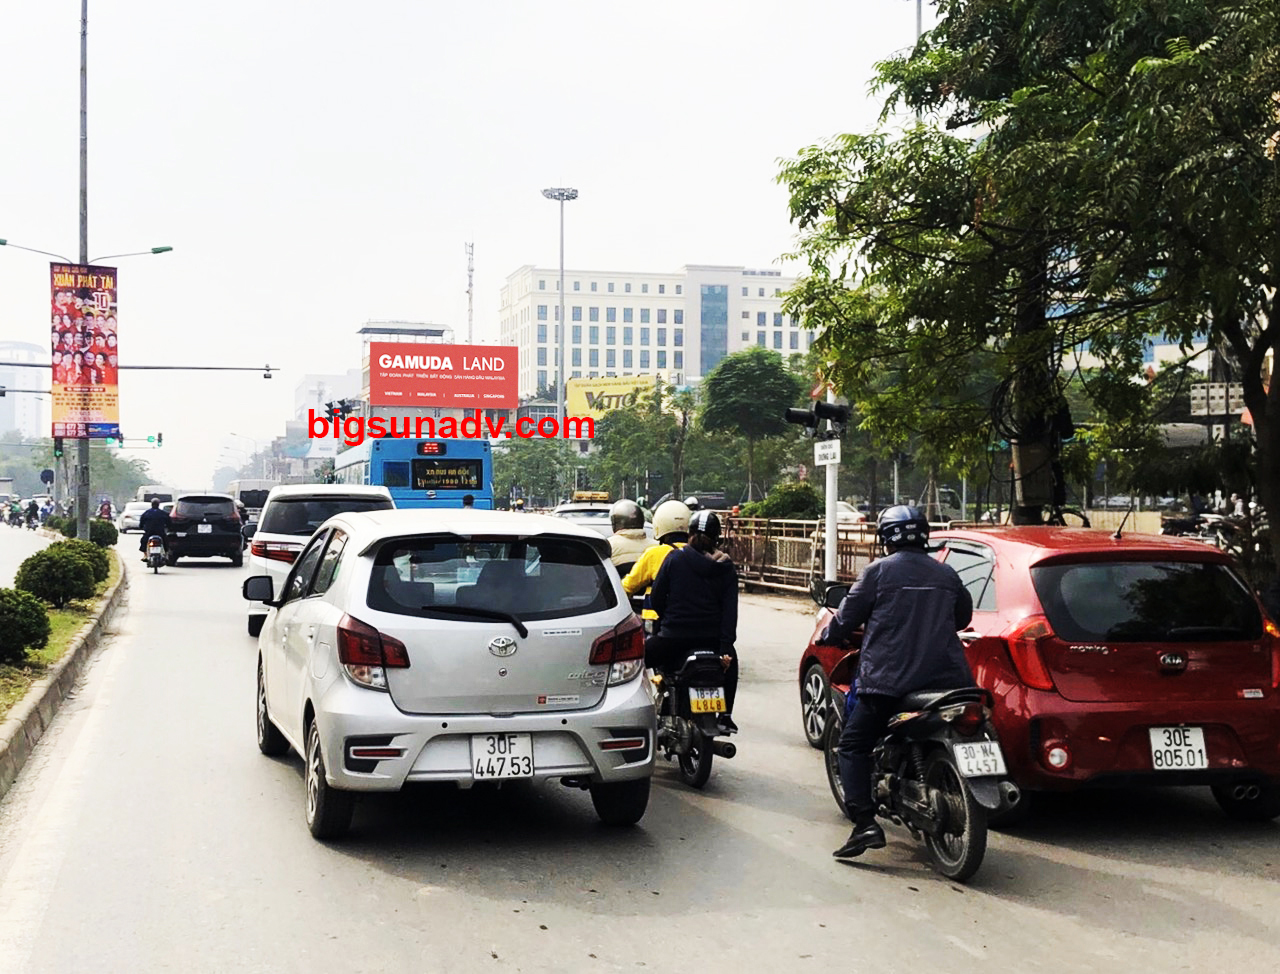 Quảng cáo nhãn Gamuda tại nút giao Đại Cồ Việt - Xã Đàn -  Giải Phóng - Lê Duẩn